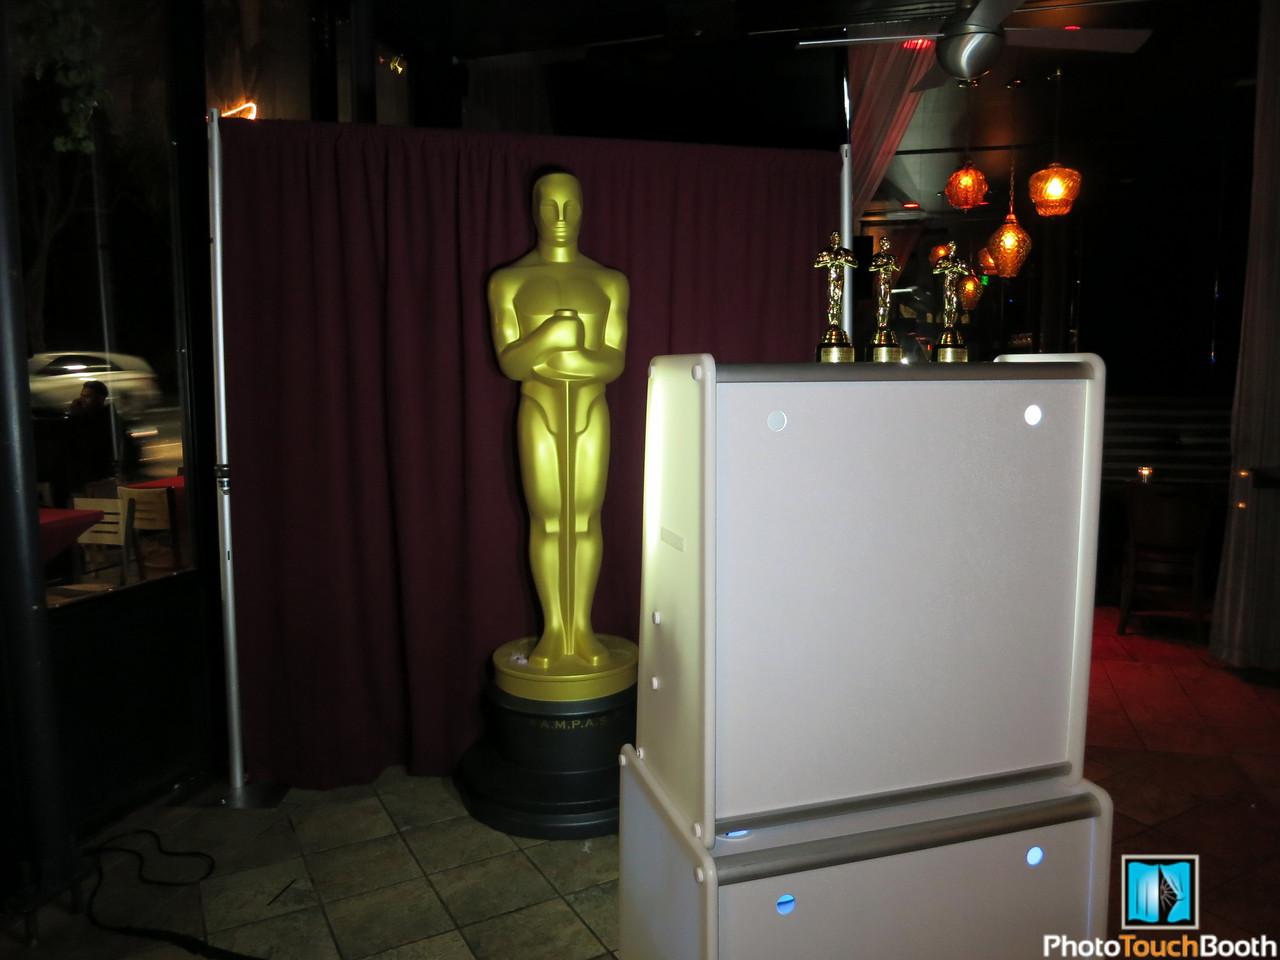 Oscar Wrap Party with our 8 ft Oscar borrowed from the Oscars